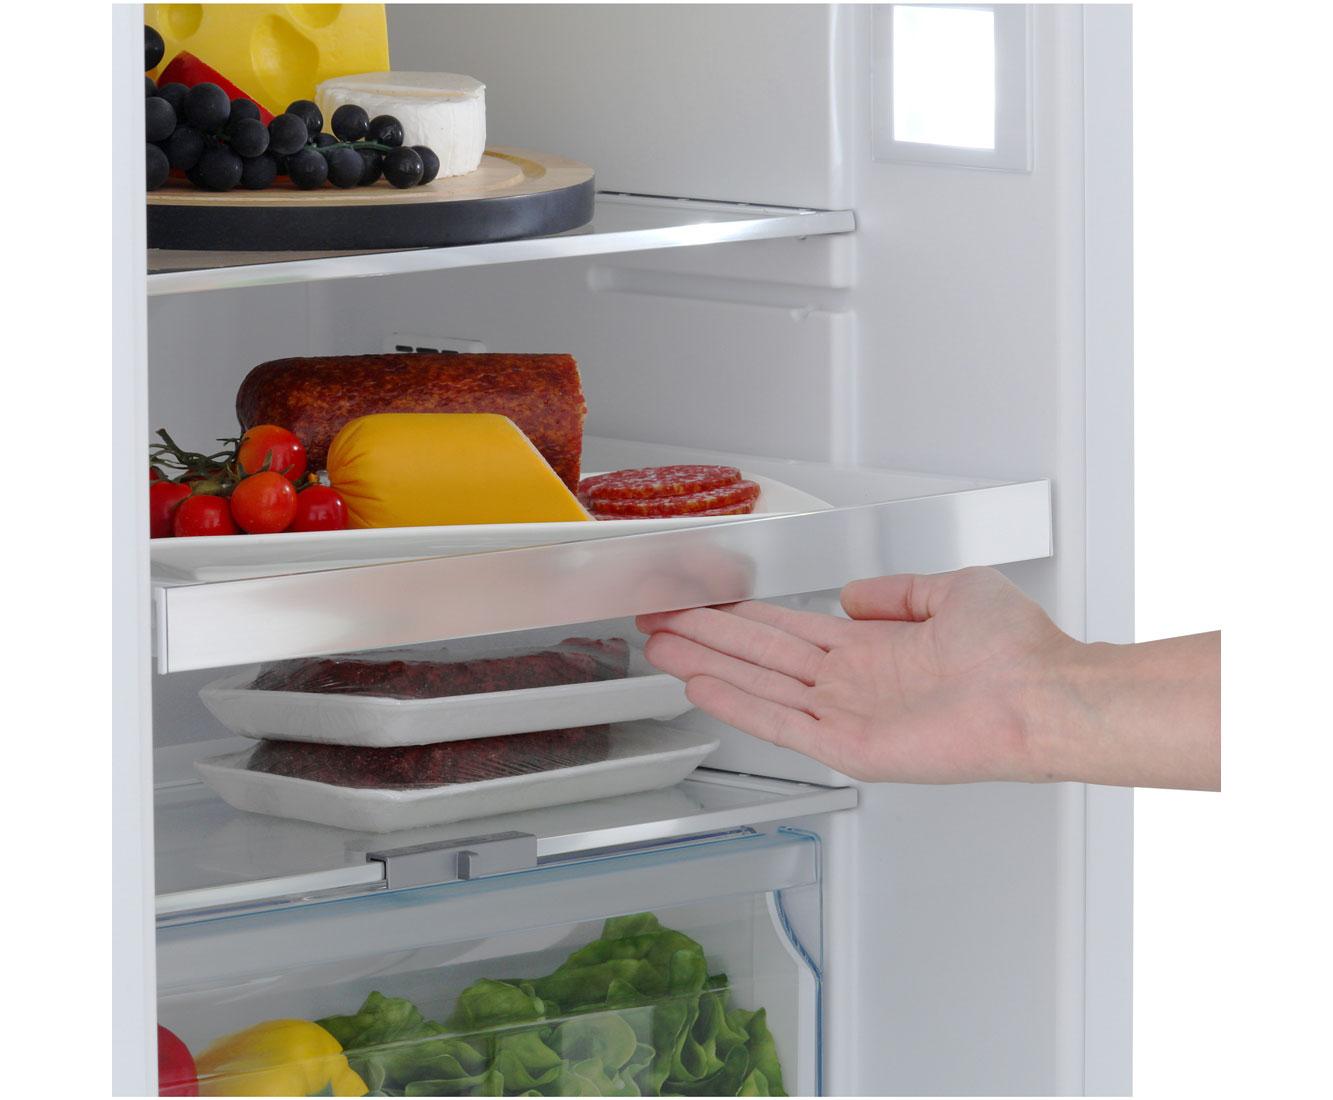 Bosch Kühlschrank Temperaturanzeige : Bosch kühlschrank temperaturanzeige kühlschrank temperatur